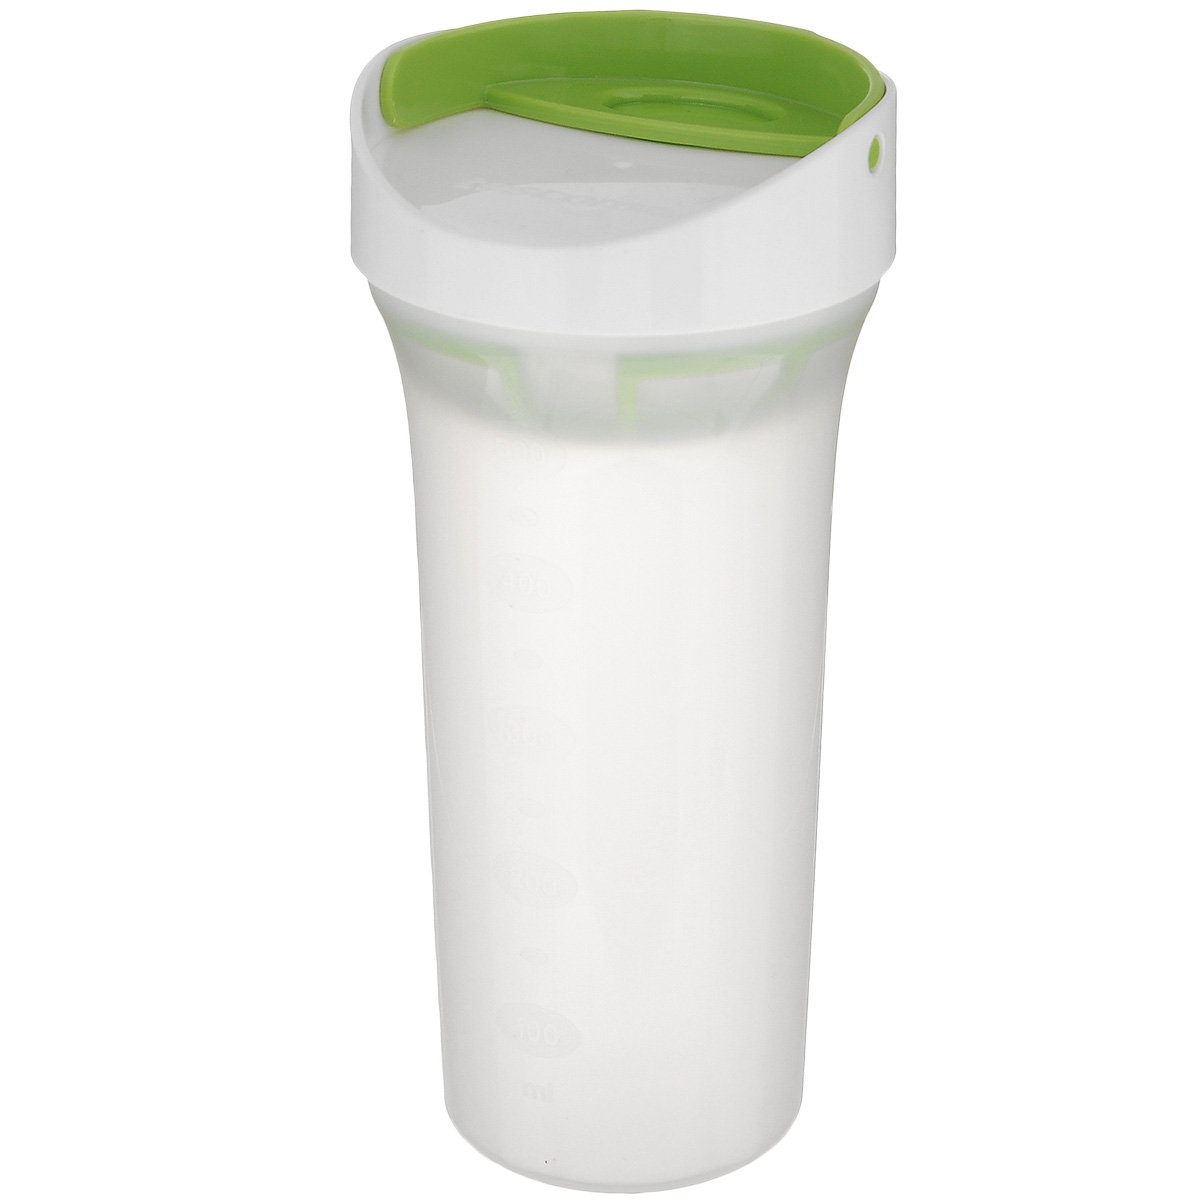 Шейкер универсальный Tescoma Presto, 500 мл25.72.10Универсальный шейкер Tescoma Presto отлично подходит для быстрого приготовления и сервировки свежих салатных заправок, фруктовых и молочных коктейлей, пены кофе и т.д. Шейкер оснащен универсальным ситечком для смешивания и аэрации. Внешние стенки имеют шкалу литража. Крышка плотно закрывается благодаря уплотненной заглушке. Шейкер изготовлен из превосходной прочной пластмассы. Подходит для холодильников и посудомоечных машин. Диаметр шейкера (по верхнему краю): 9 см. Высота шейкера: 20 см.